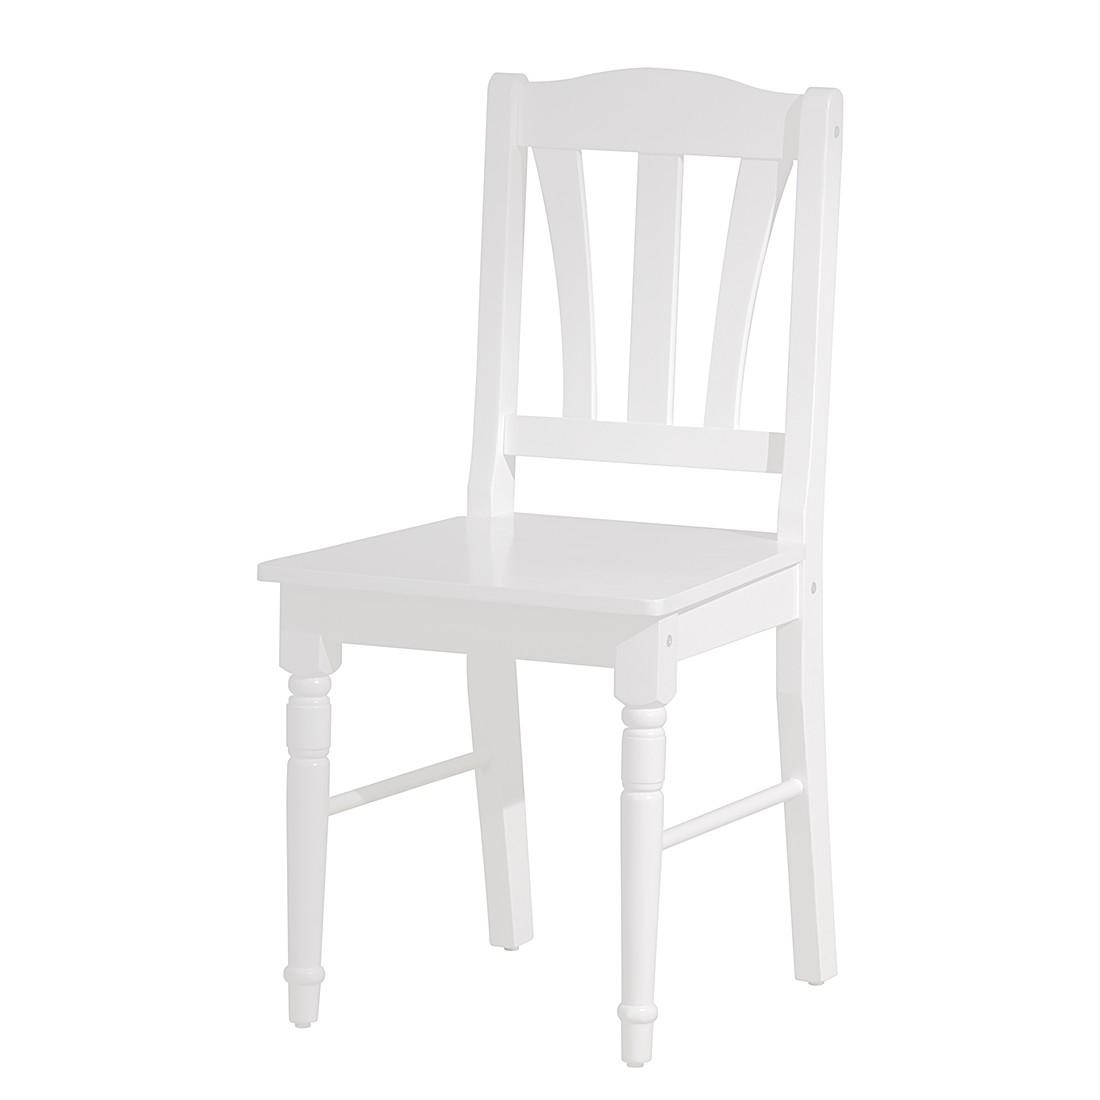 Esszimmerstuhl Antje (2er-Set) – Kiefer massiv – Weiß, Landhaus Classic jetzt kaufen